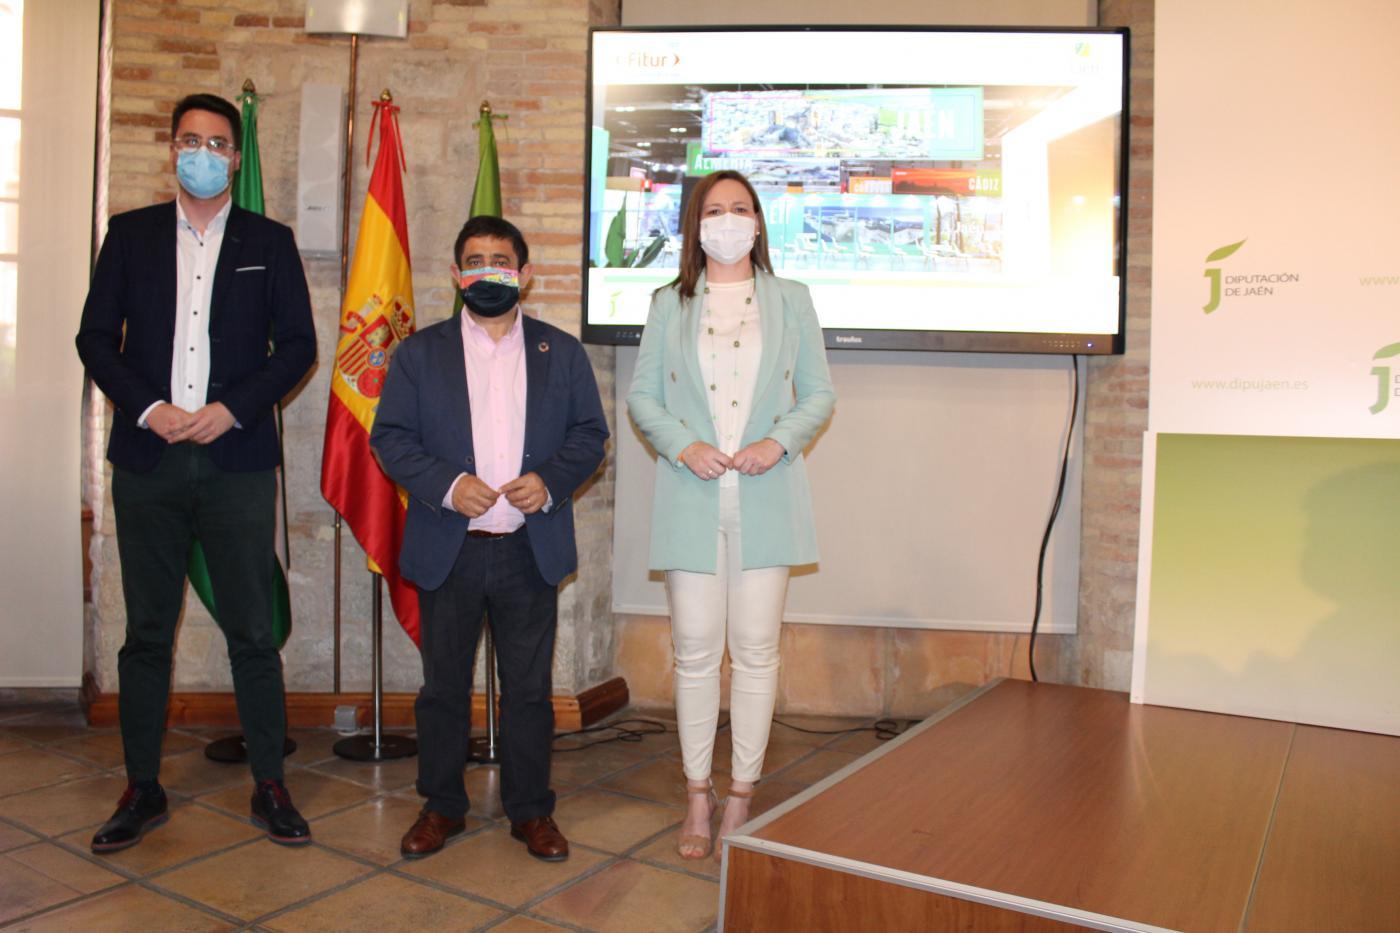 La provincia de Jaén llega a Fitur como paraíso interior seguro